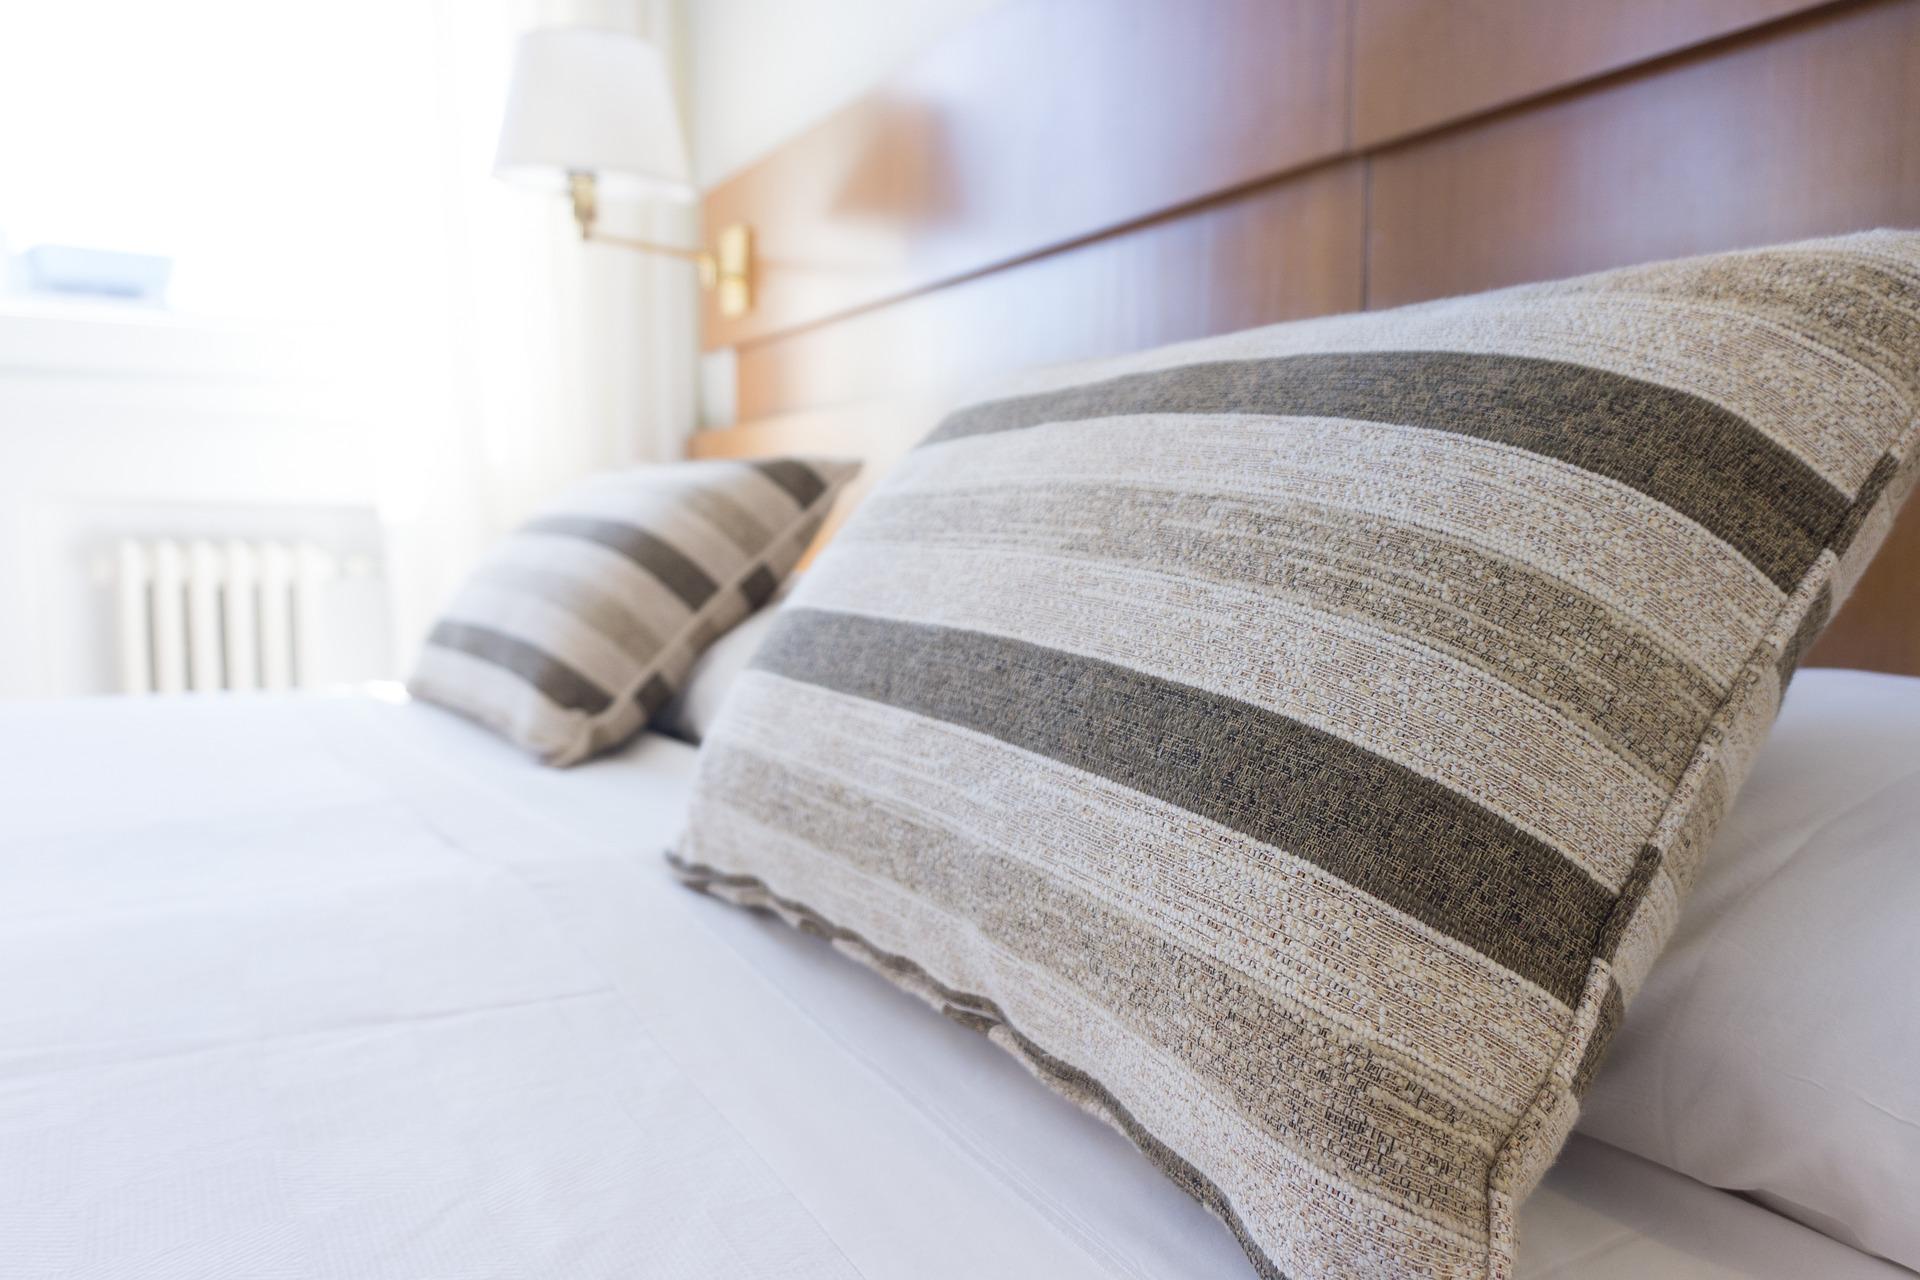 Ordnung im Schlafzimmer (halten)